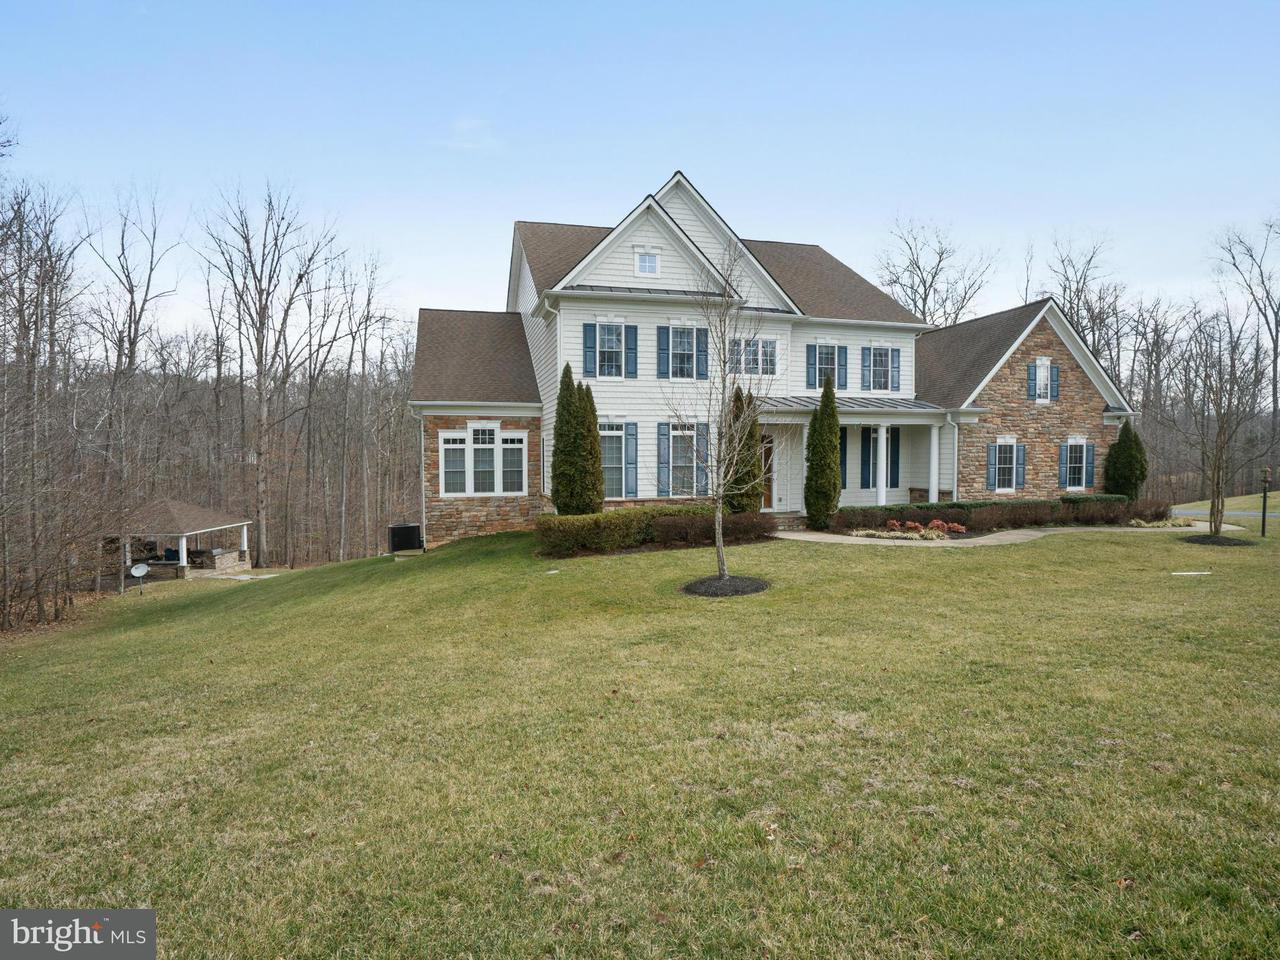 Частный односемейный дом для того Продажа на 127 STEFANIGA FARMS Drive 127 STEFANIGA FARMS Drive Stafford, Виргиния 22556 Соединенные Штаты